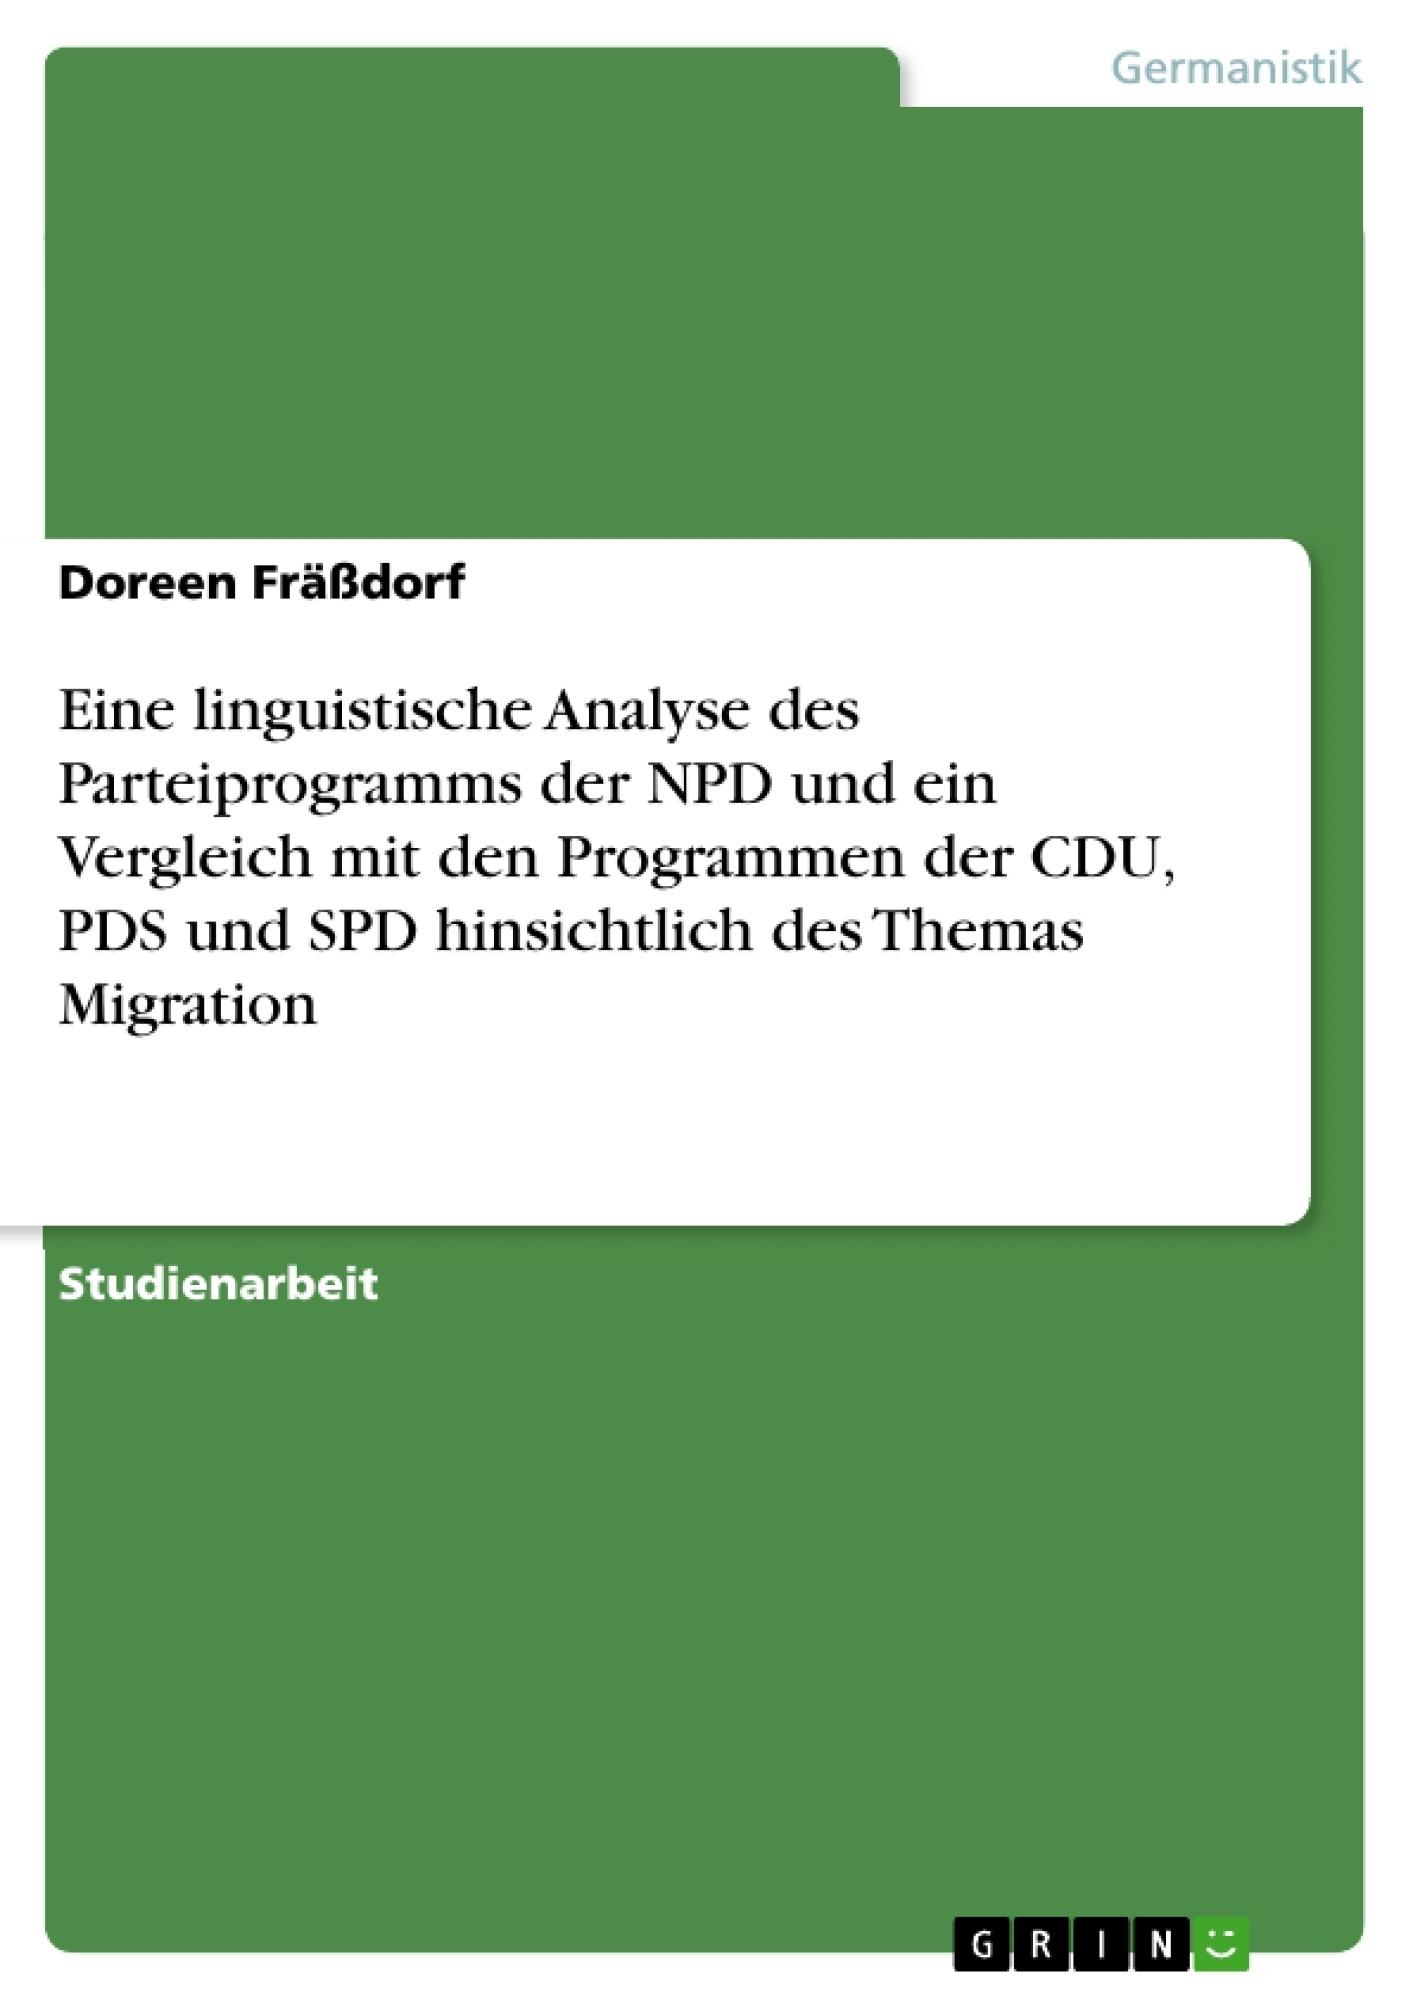 Titel: Eine linguistische Analyse des Parteiprogramms der NPD und ein Vergleich mit den Programmen der CDU, PDS und SPD hinsichtlich des Themas Migration